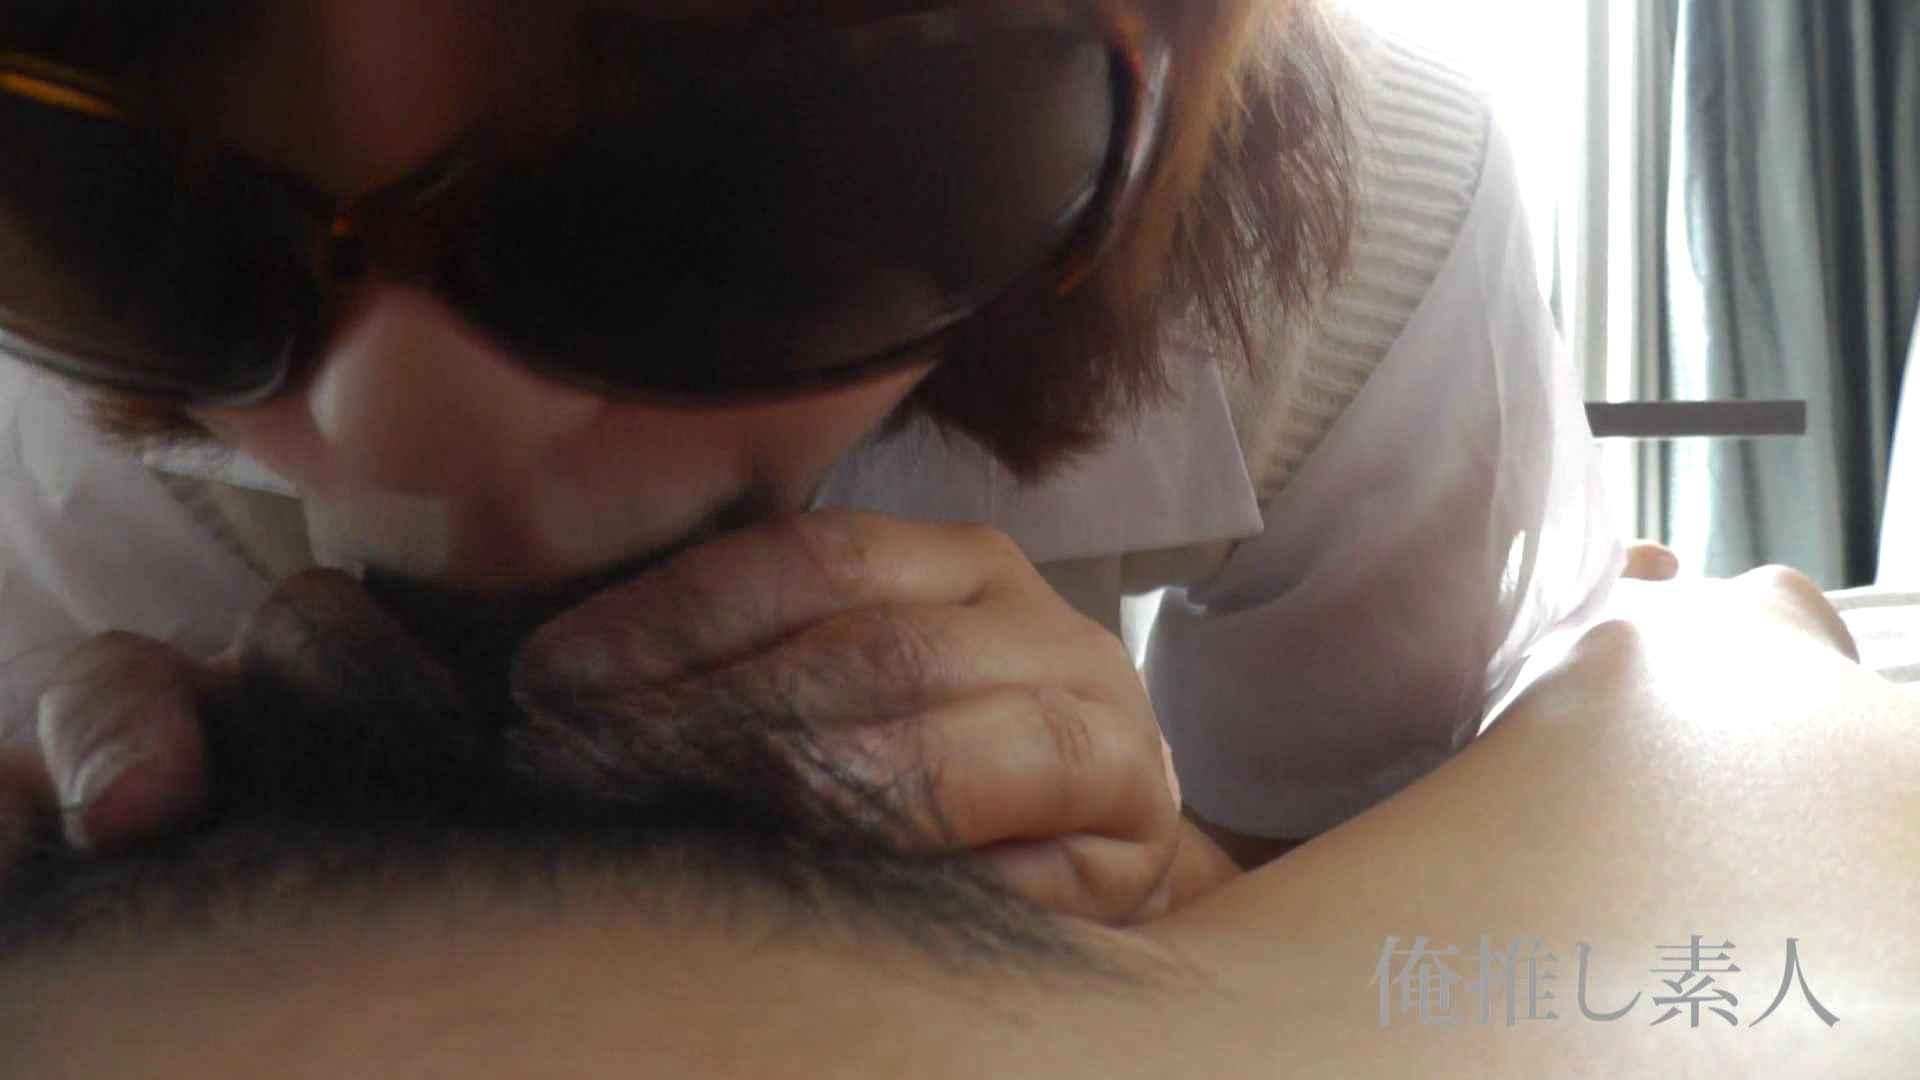 オマンコ丸見え:俺推し素人 キャバクラ嬢26歳久美vol6:大奥